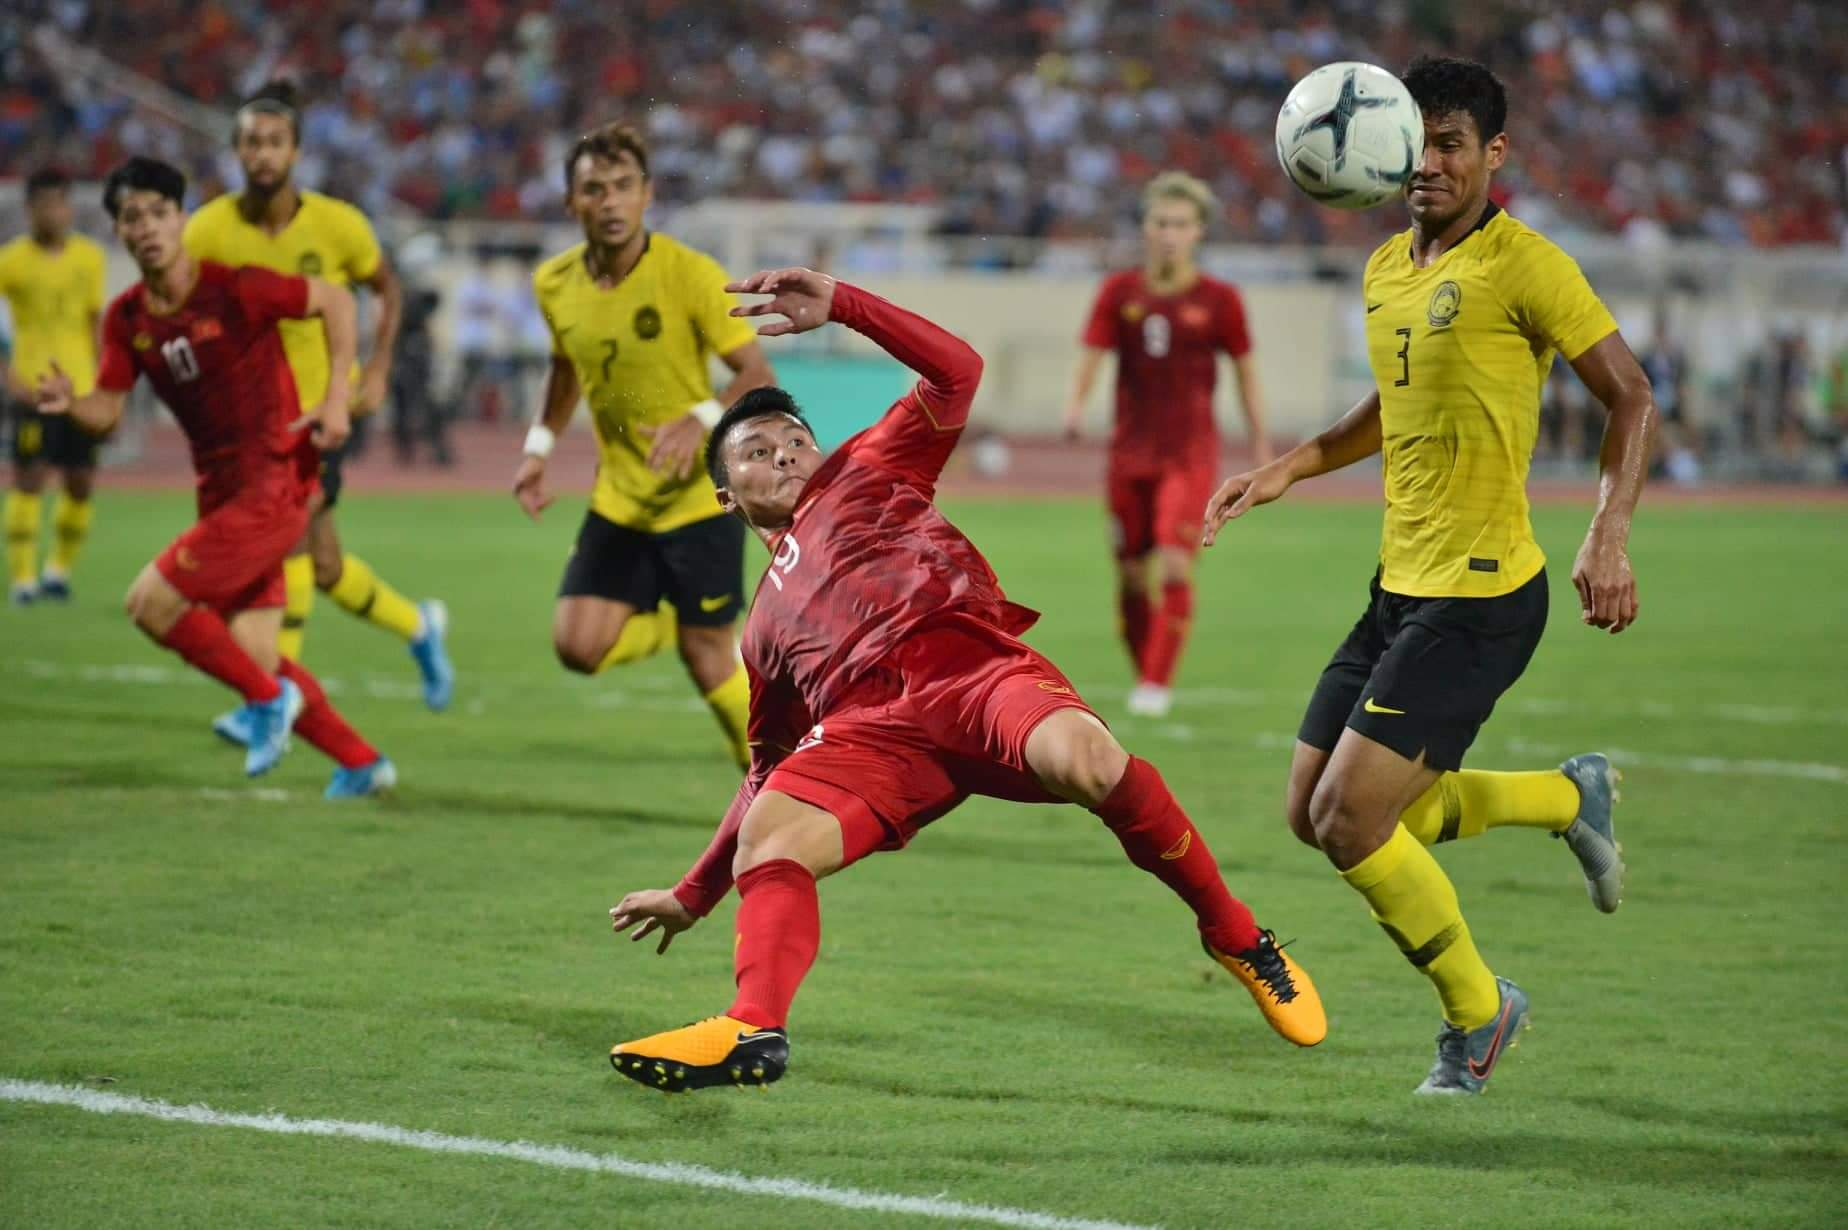 Báo Malaysia (New Strait Times) nói về trận đấu Việt Nam vs Malaysia - Bóng Đá